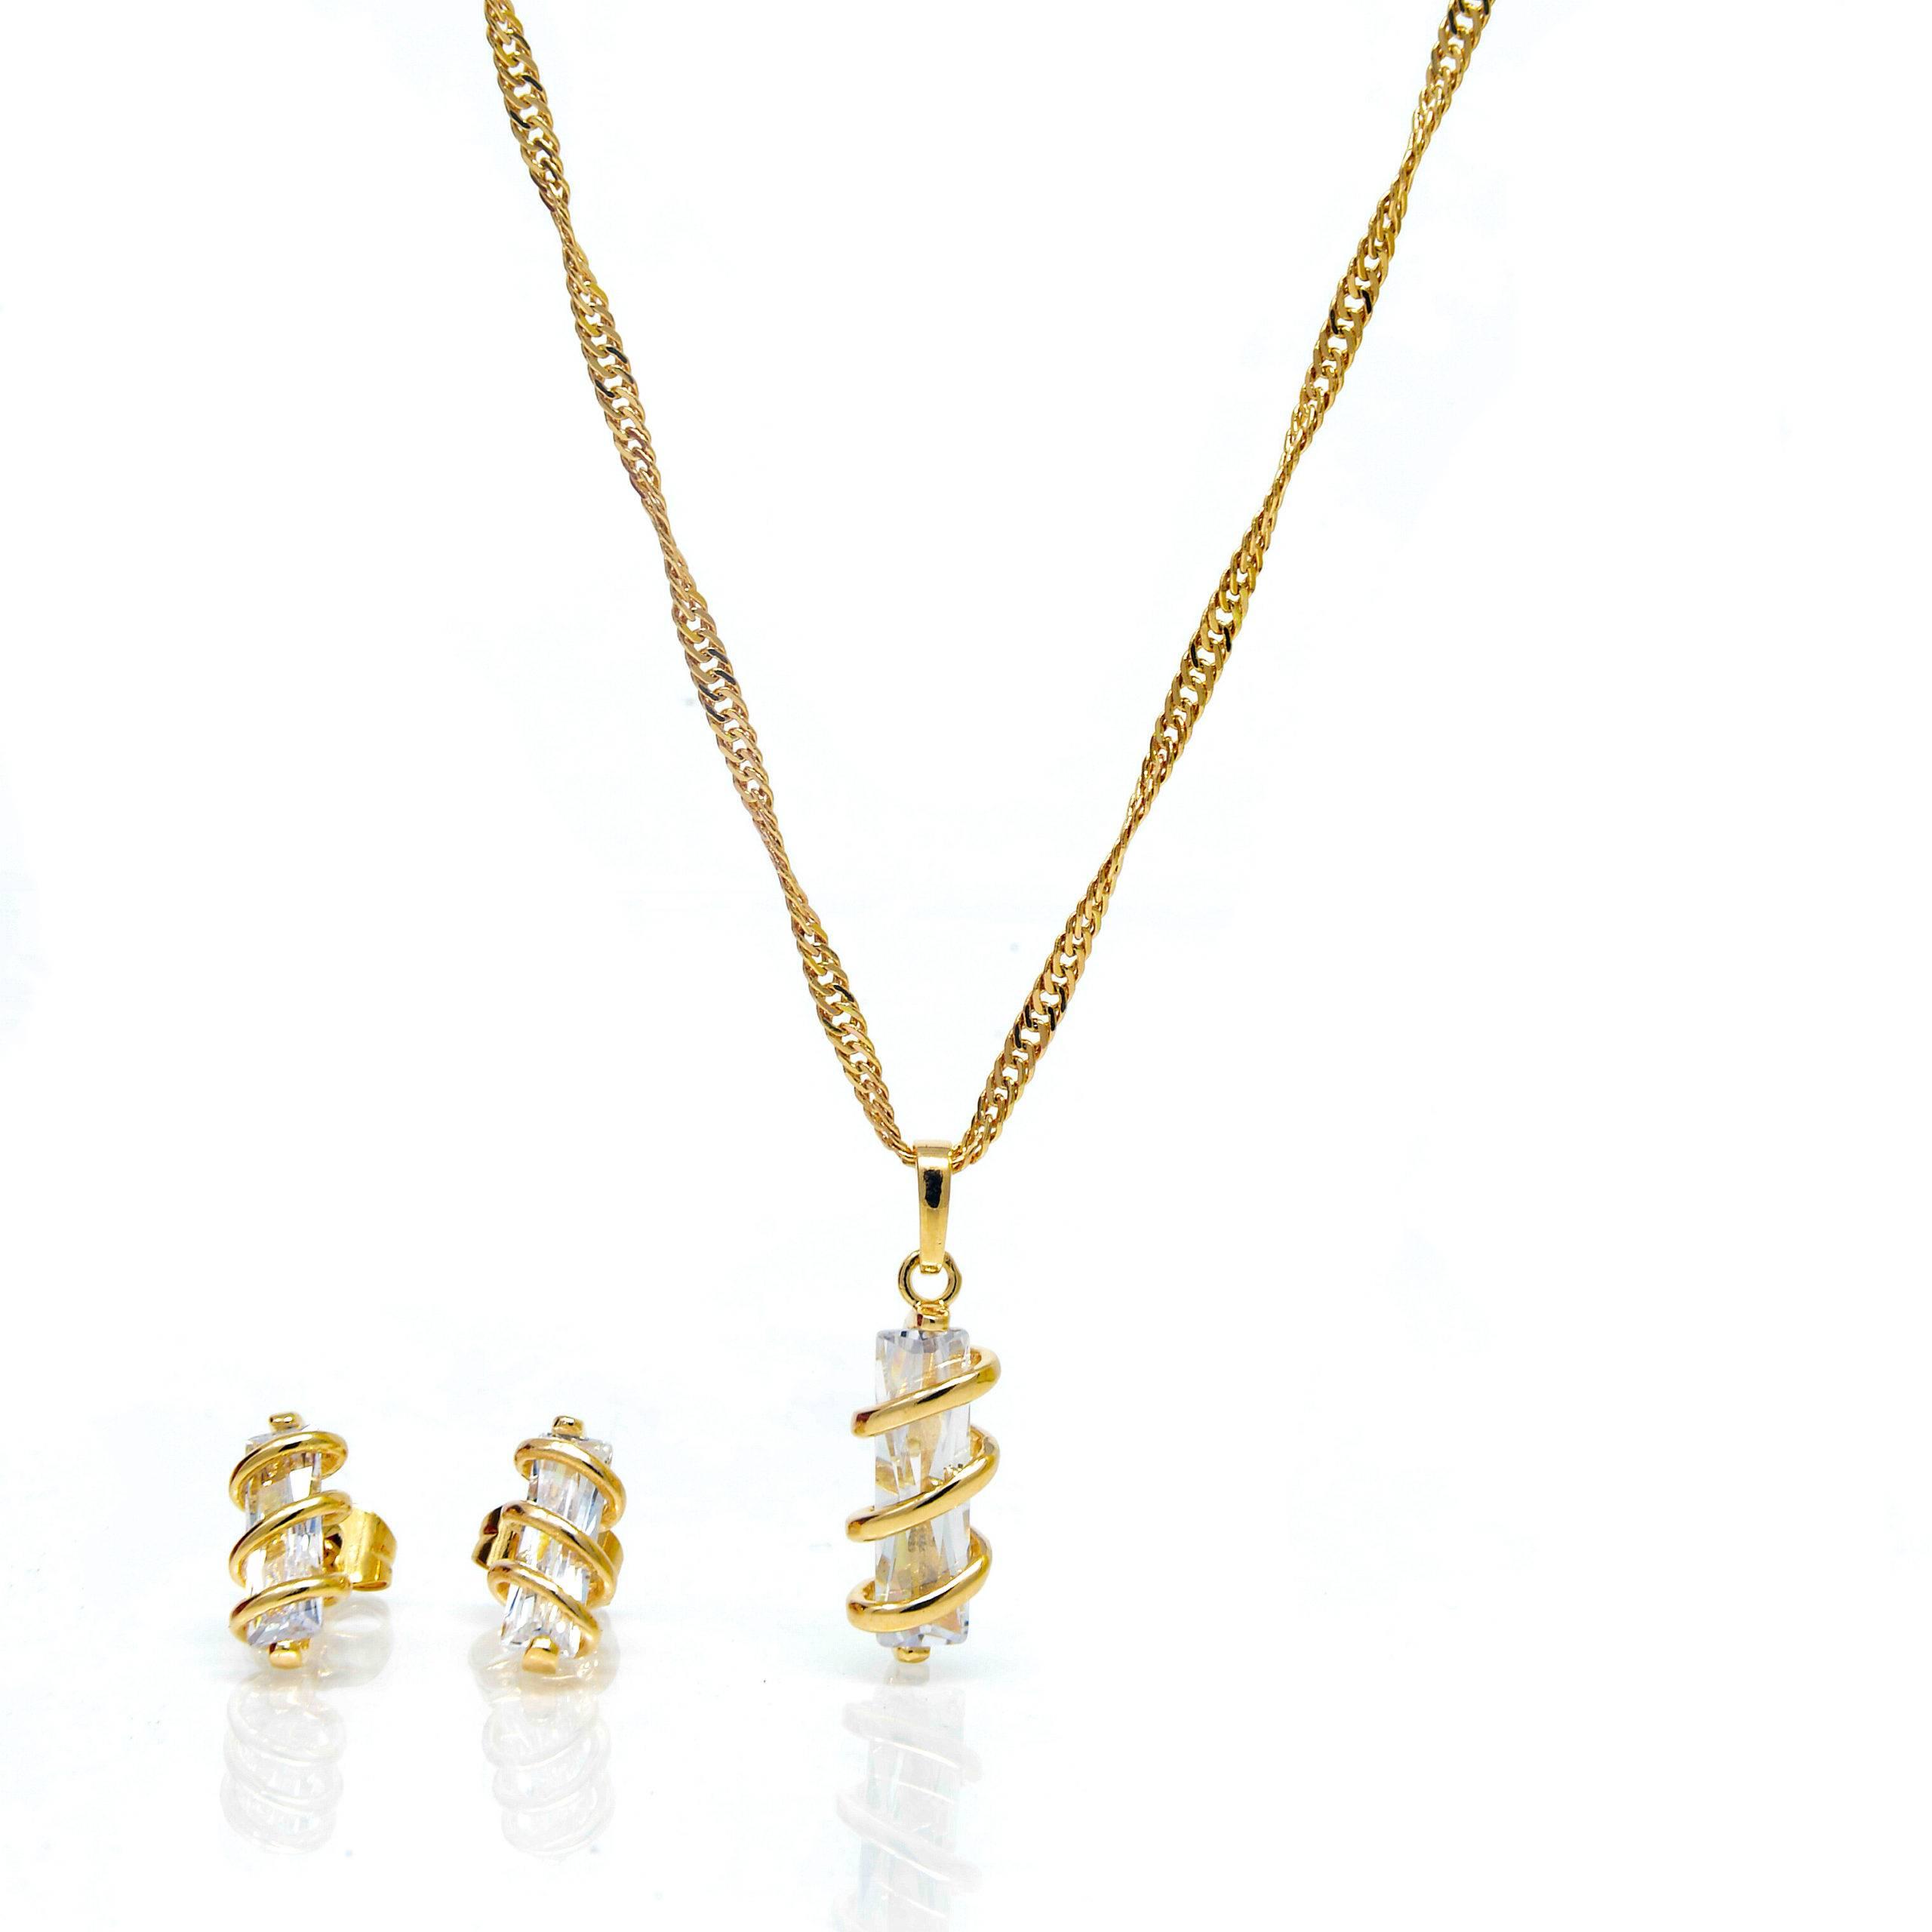 Parrure pend collier pierre blanche 45cm plaqué or